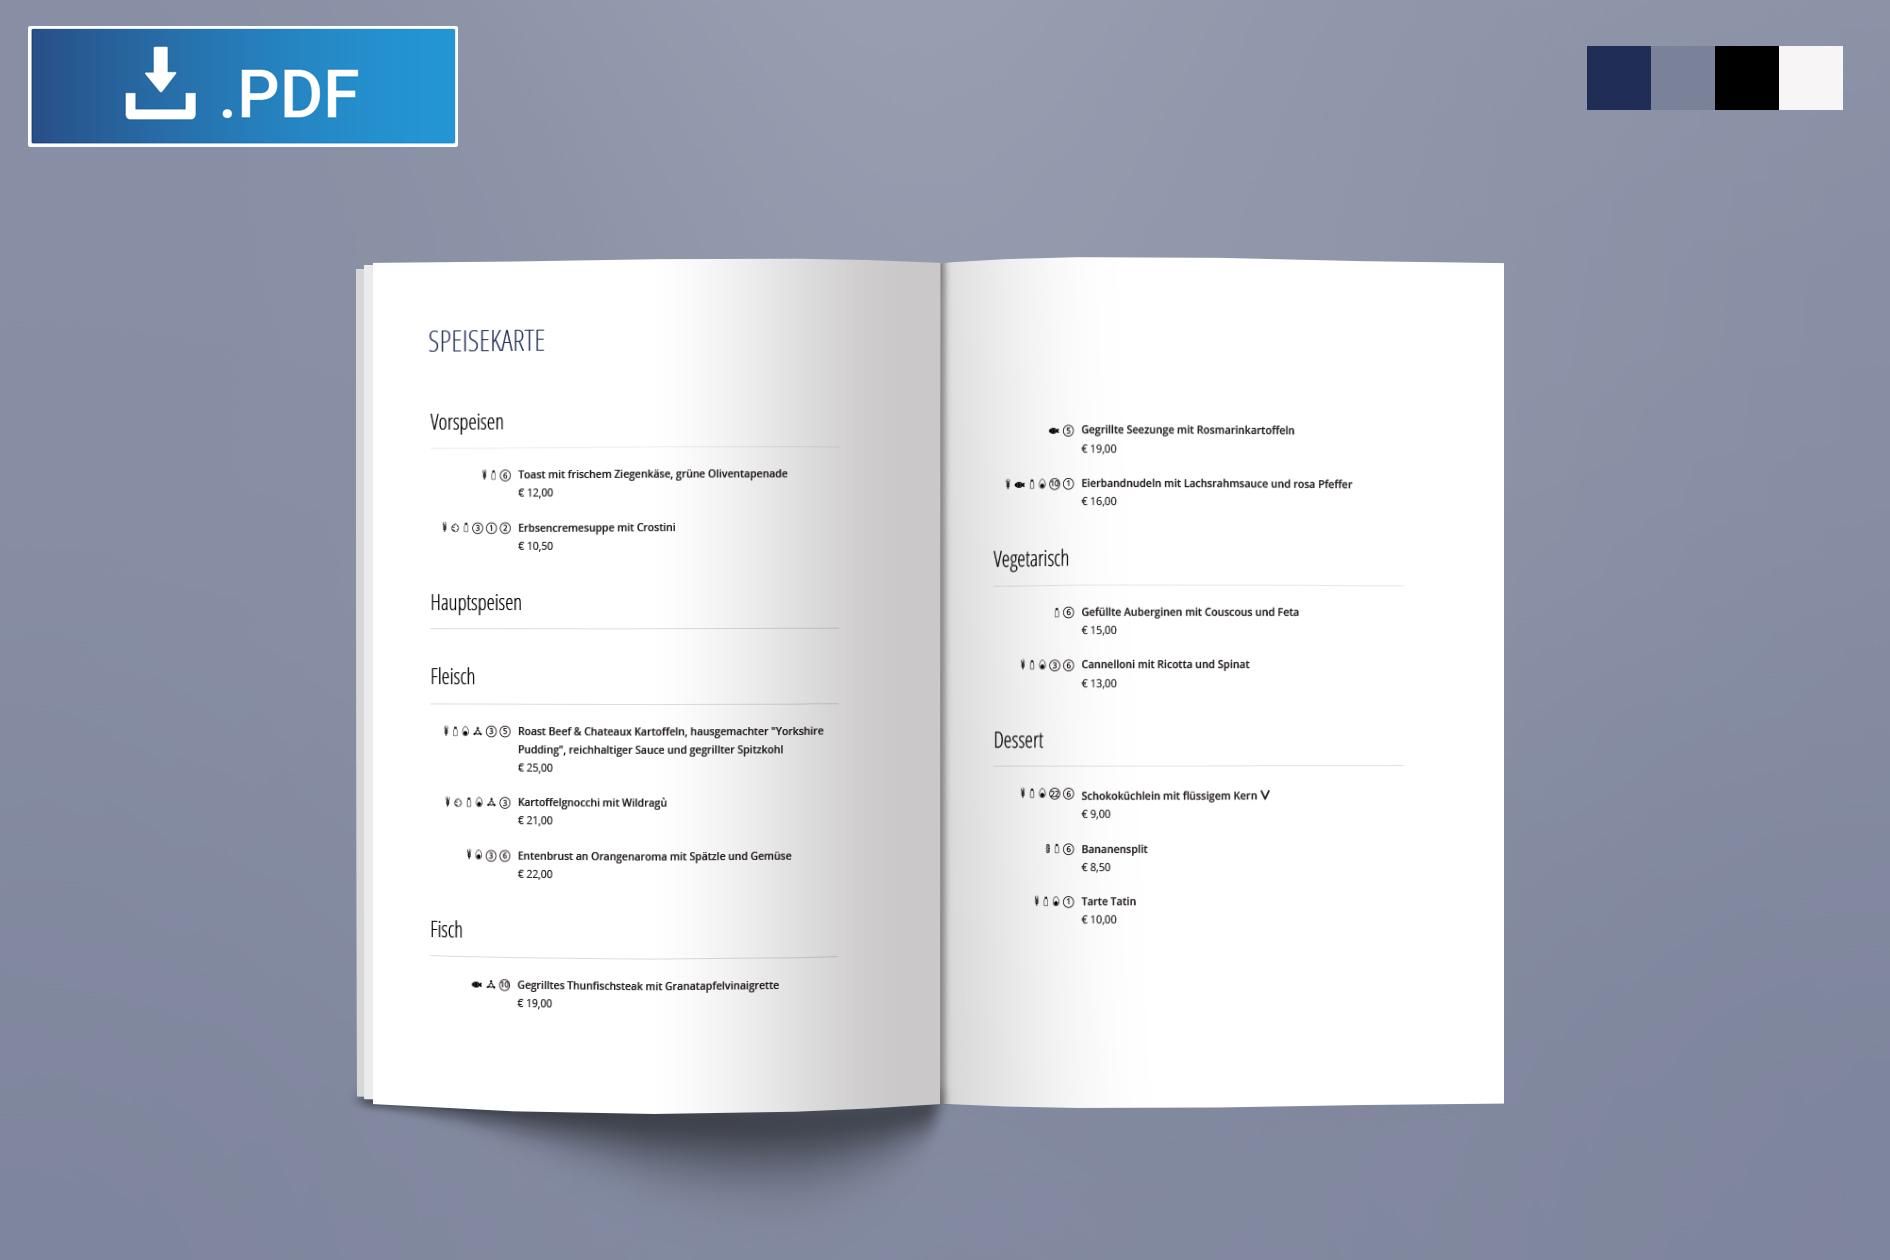 Gratis Downloads Buffetschilder Lebensmittel Kennzeichnung